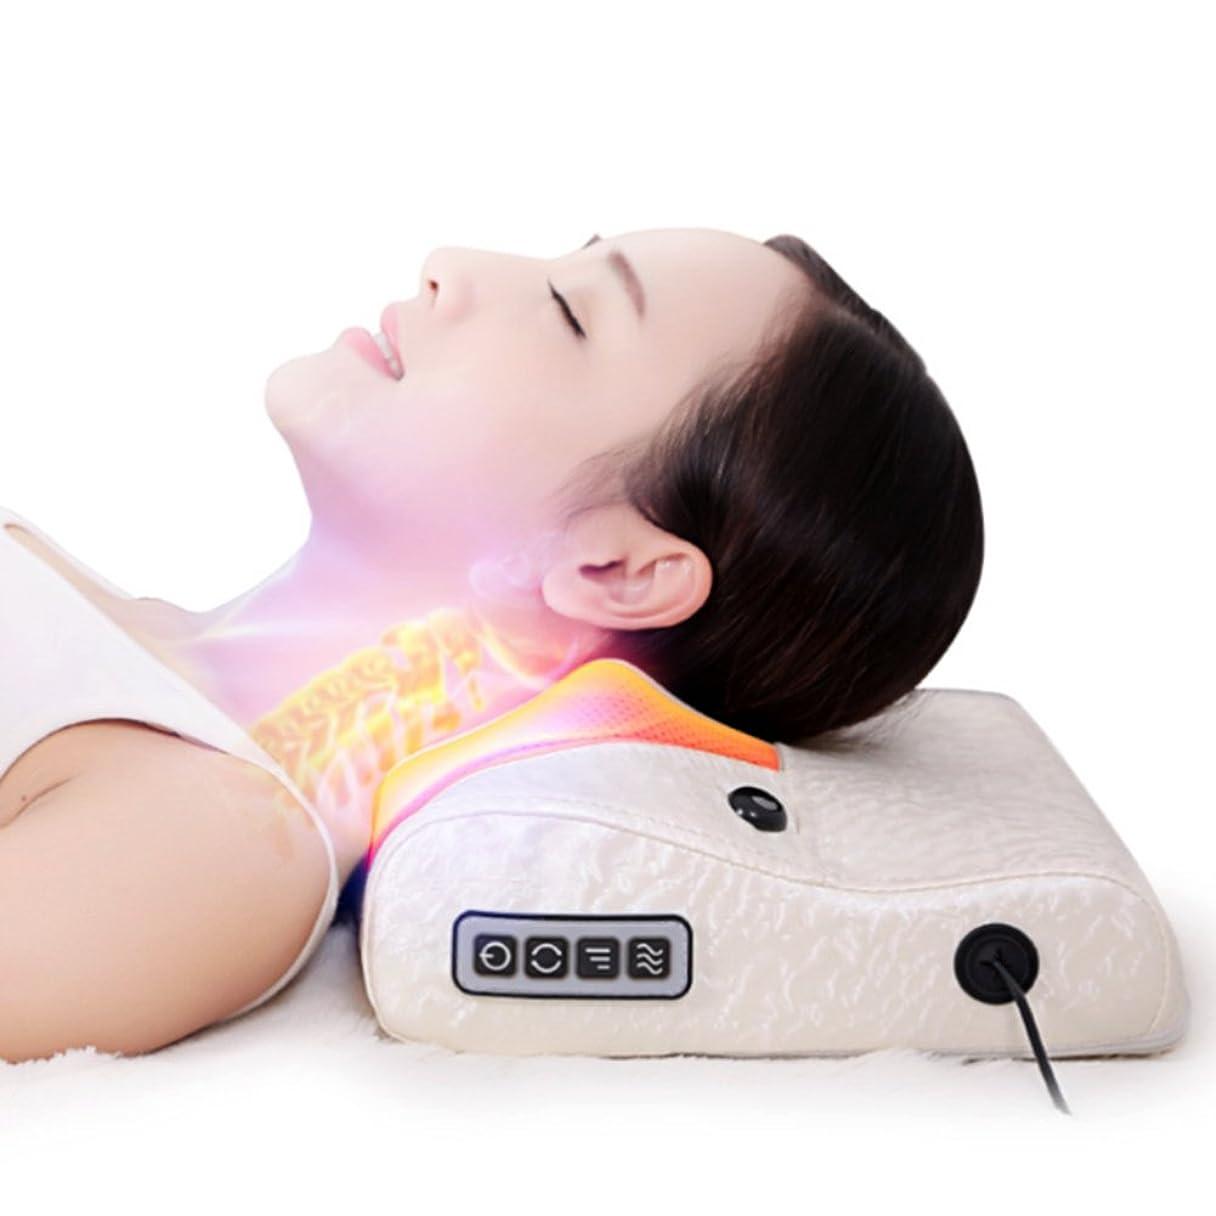 崩壊清める利点【LeaTherBack】家庭用電気マッサージ頚椎マッサージャーこね枕首肩多機能保健介護頚枕 マッサージイ